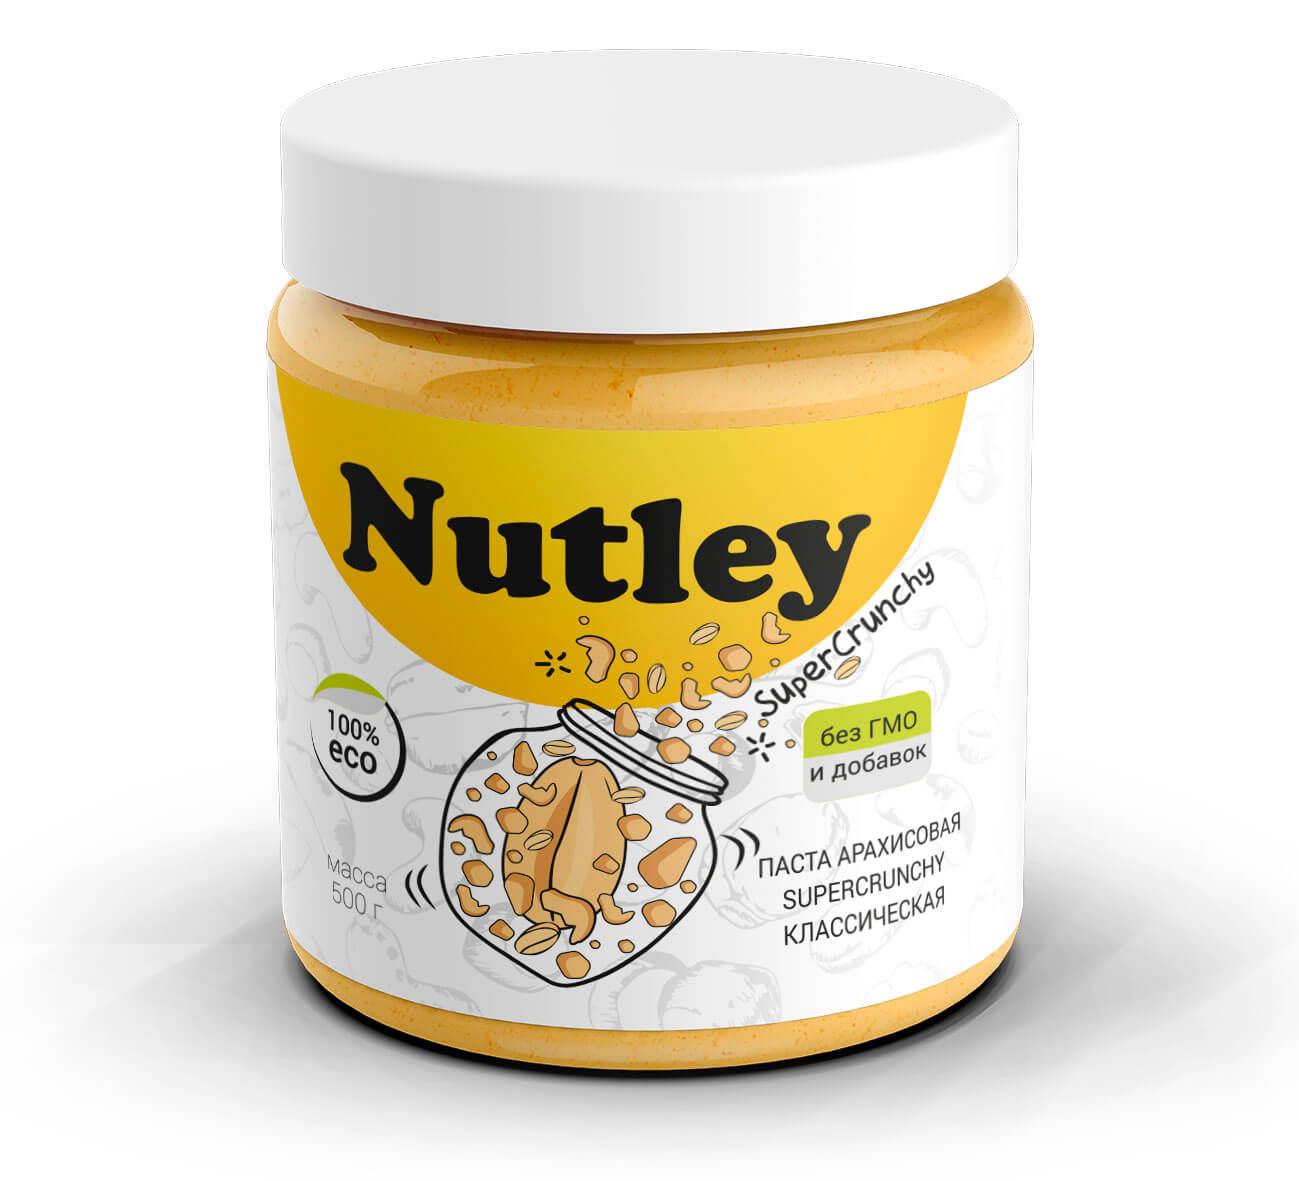 Арахисовая паста SuperCrunchy (классическая) Nutley